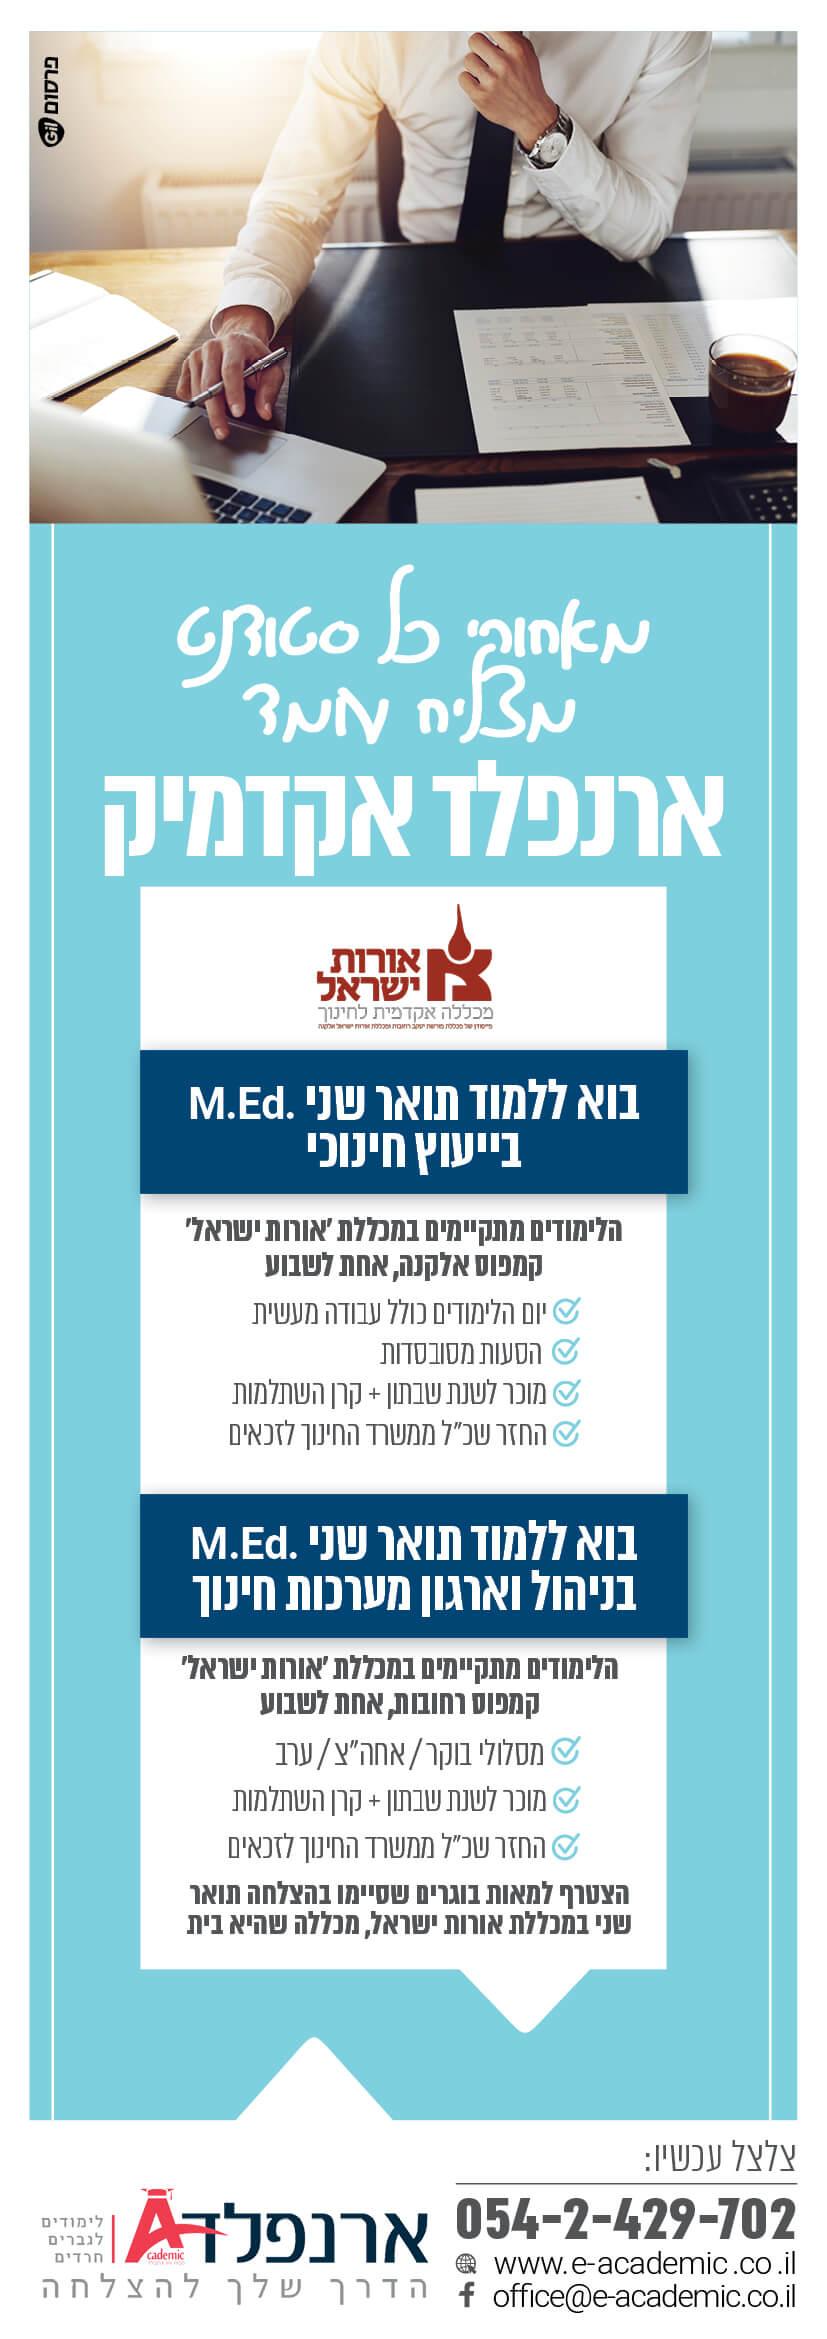 גיל פרסום בקמפיין ראשון למותג חוי ארנפלד אקדמיק 7